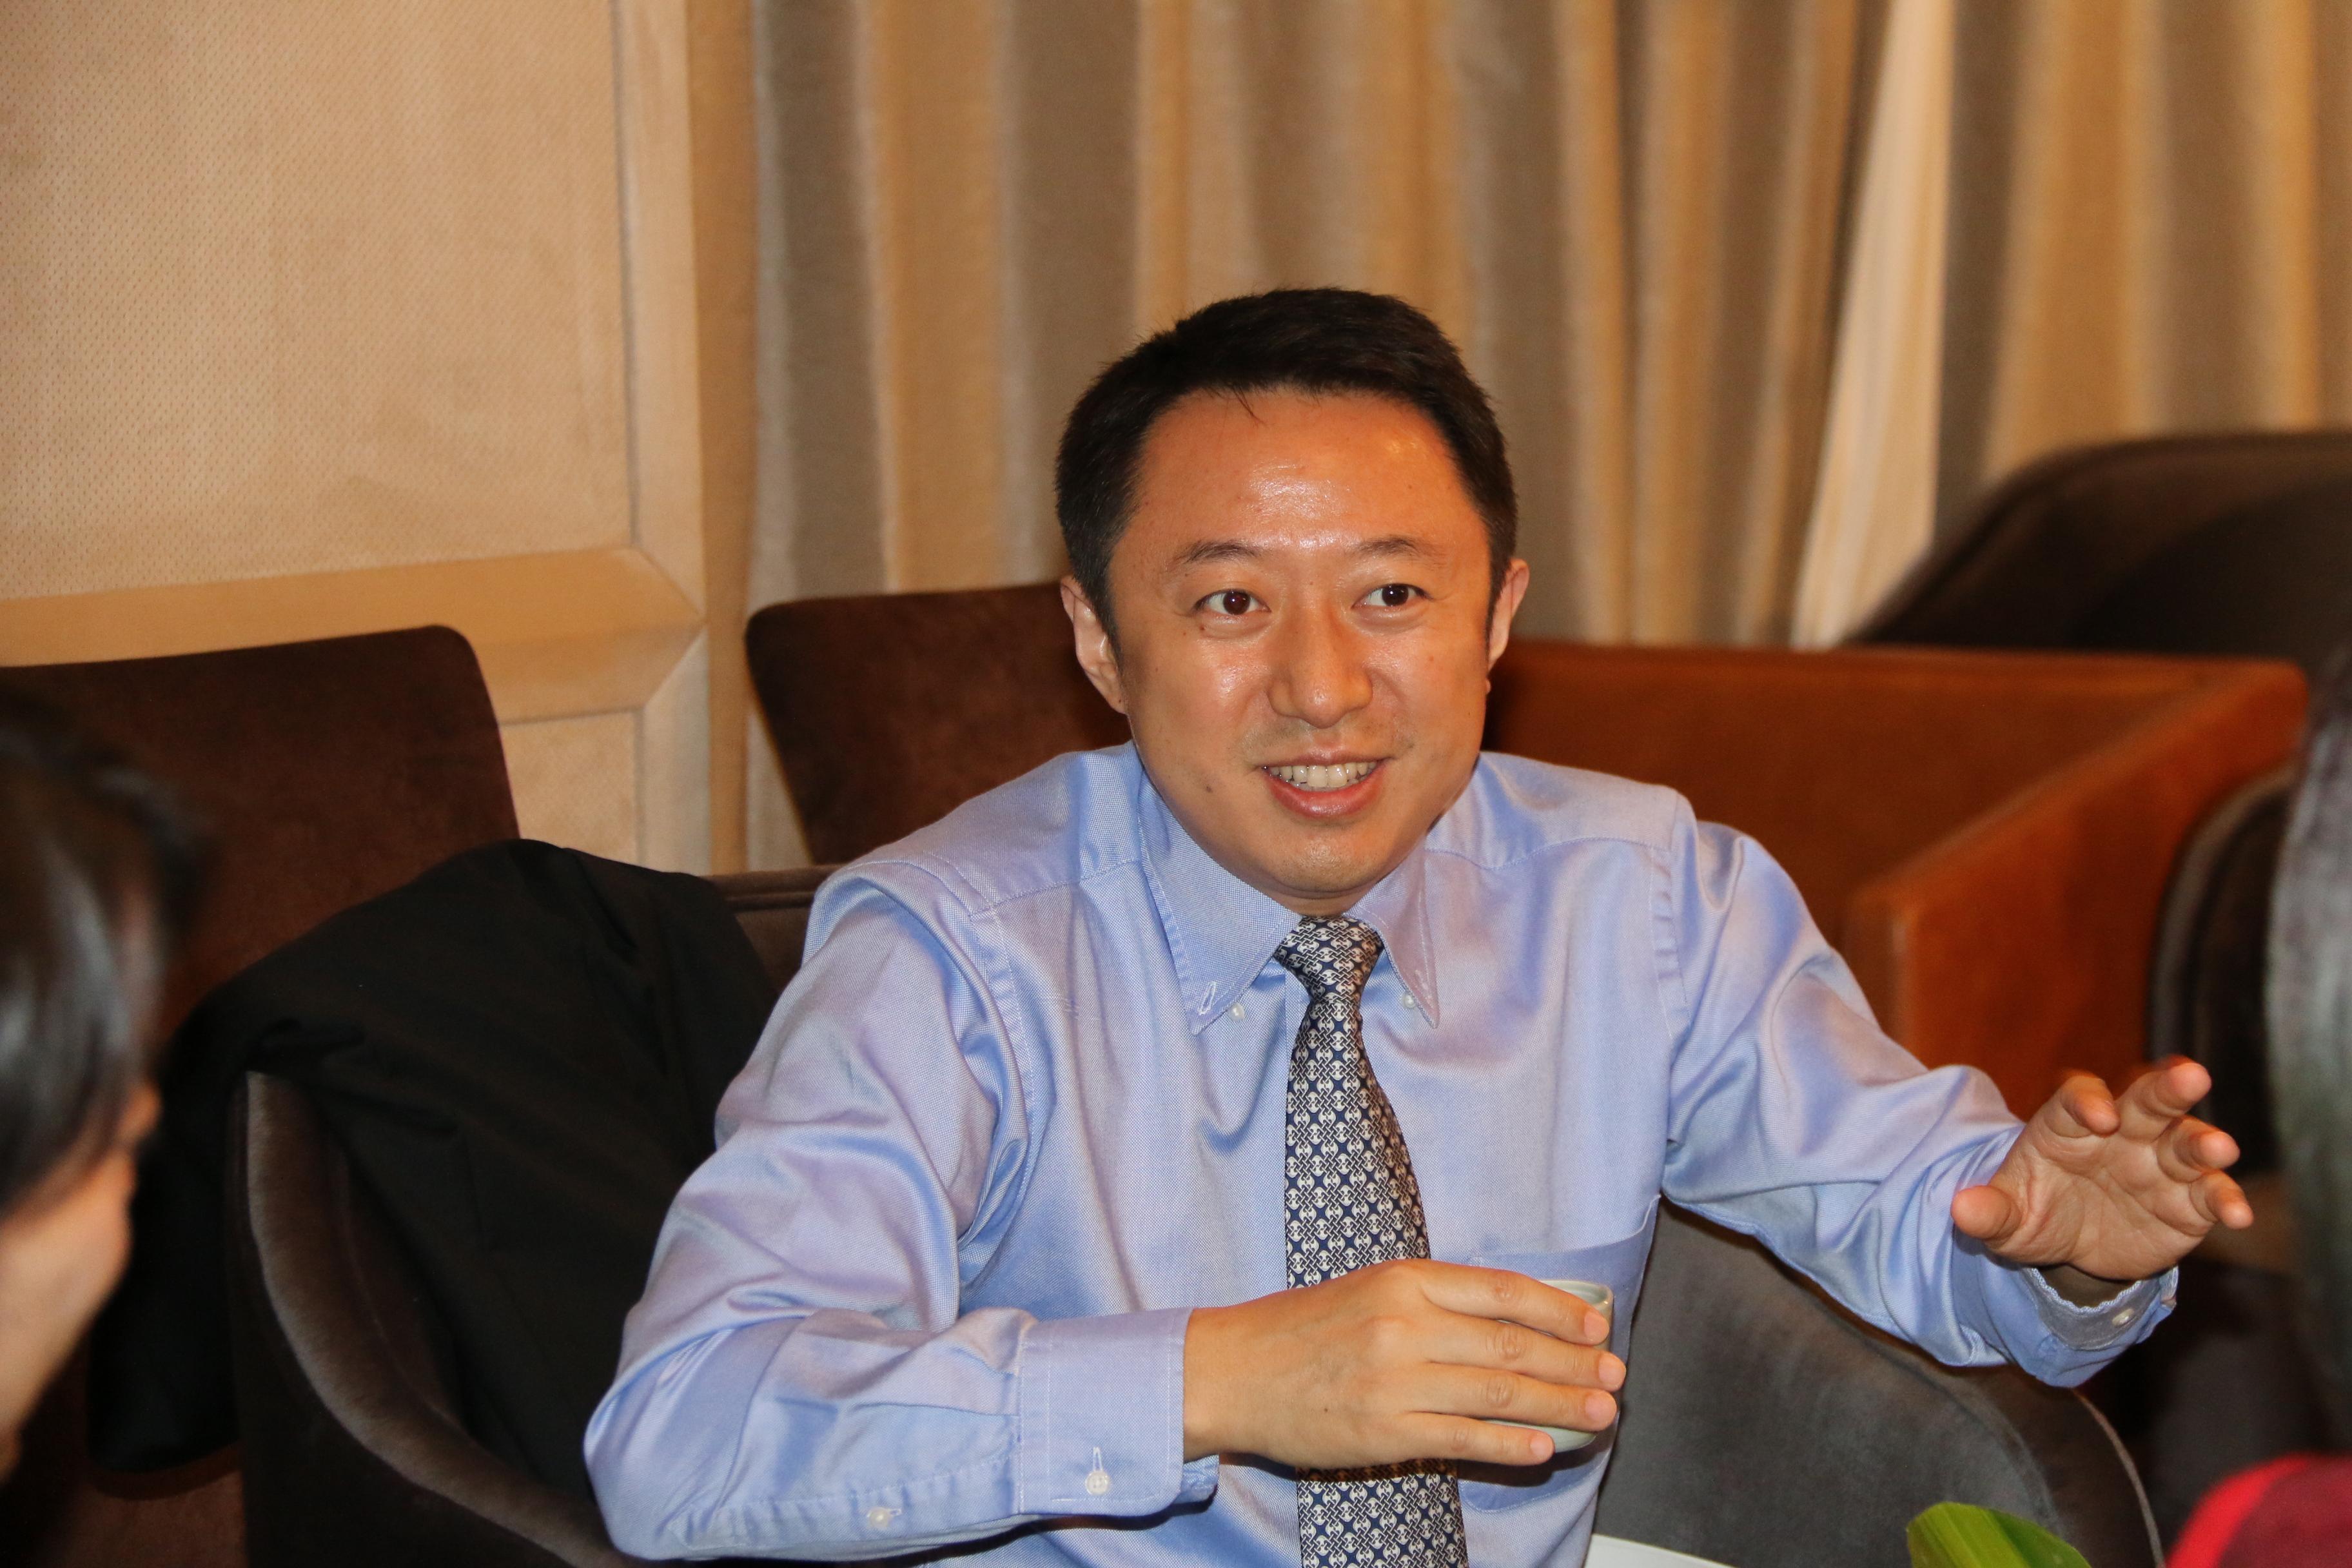 凤凰网总裁李亚:打德 州扑克跟做企业有很多相